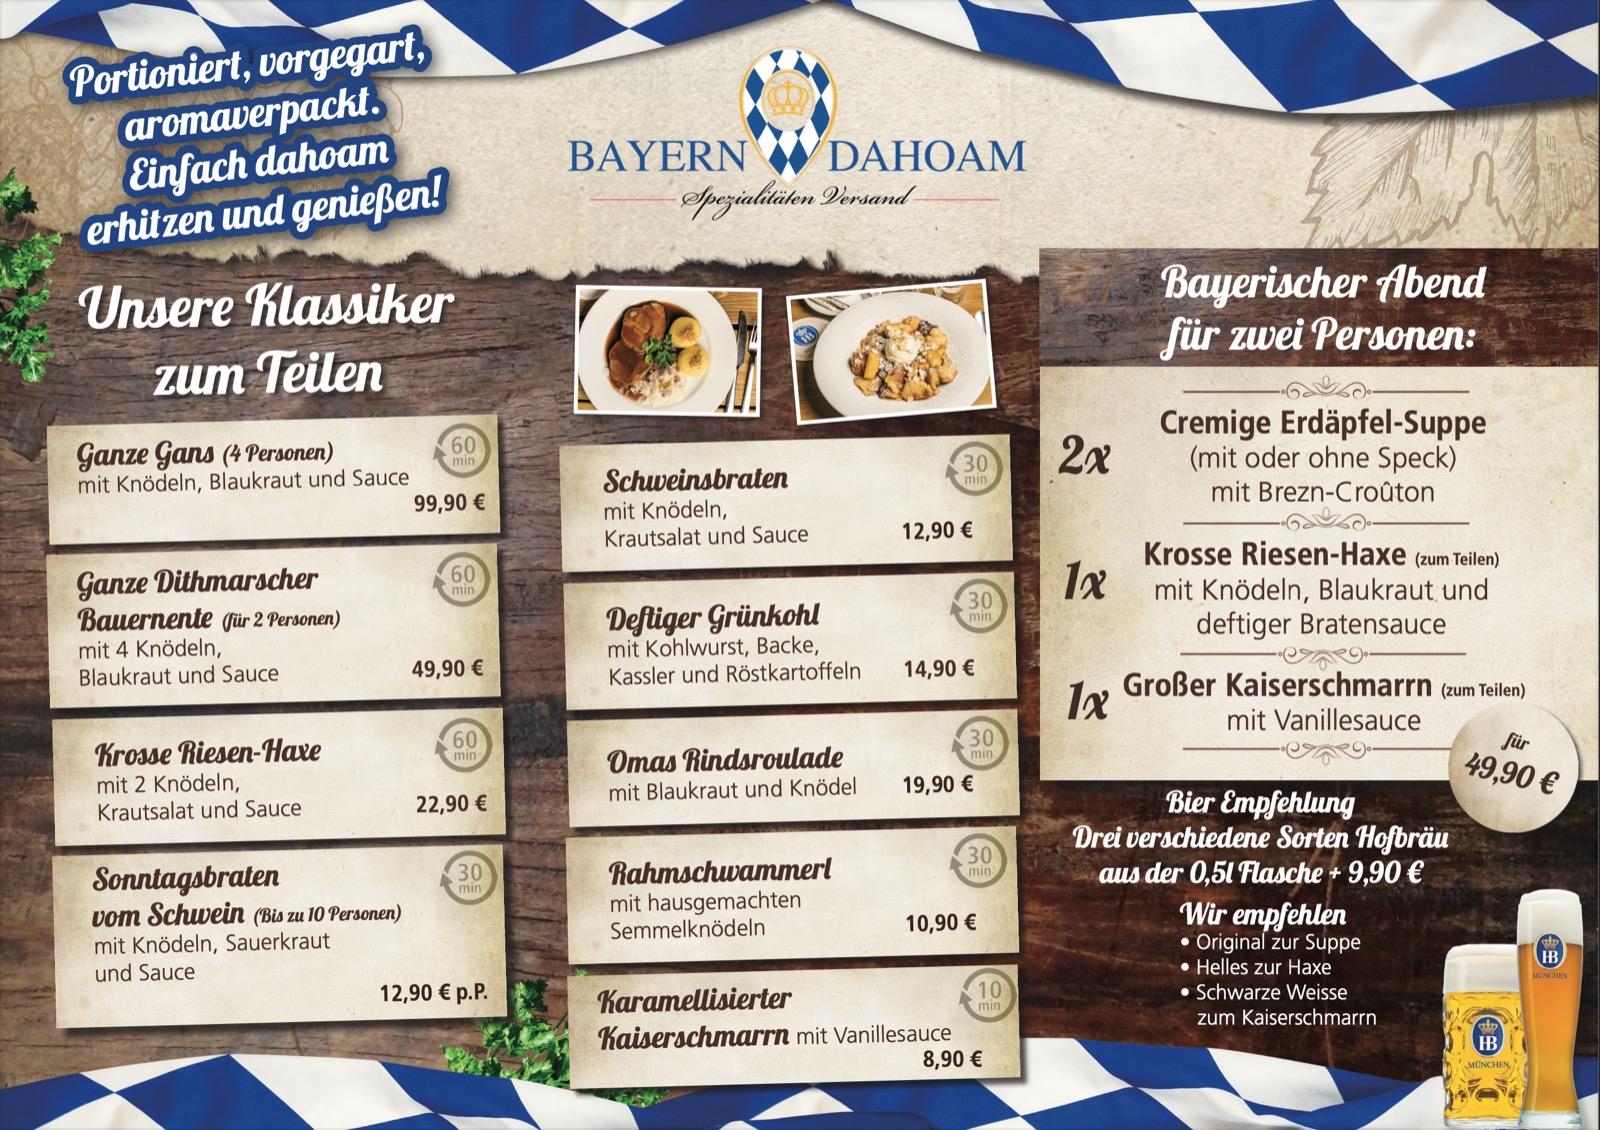 Bayern Dahoam Kochbox